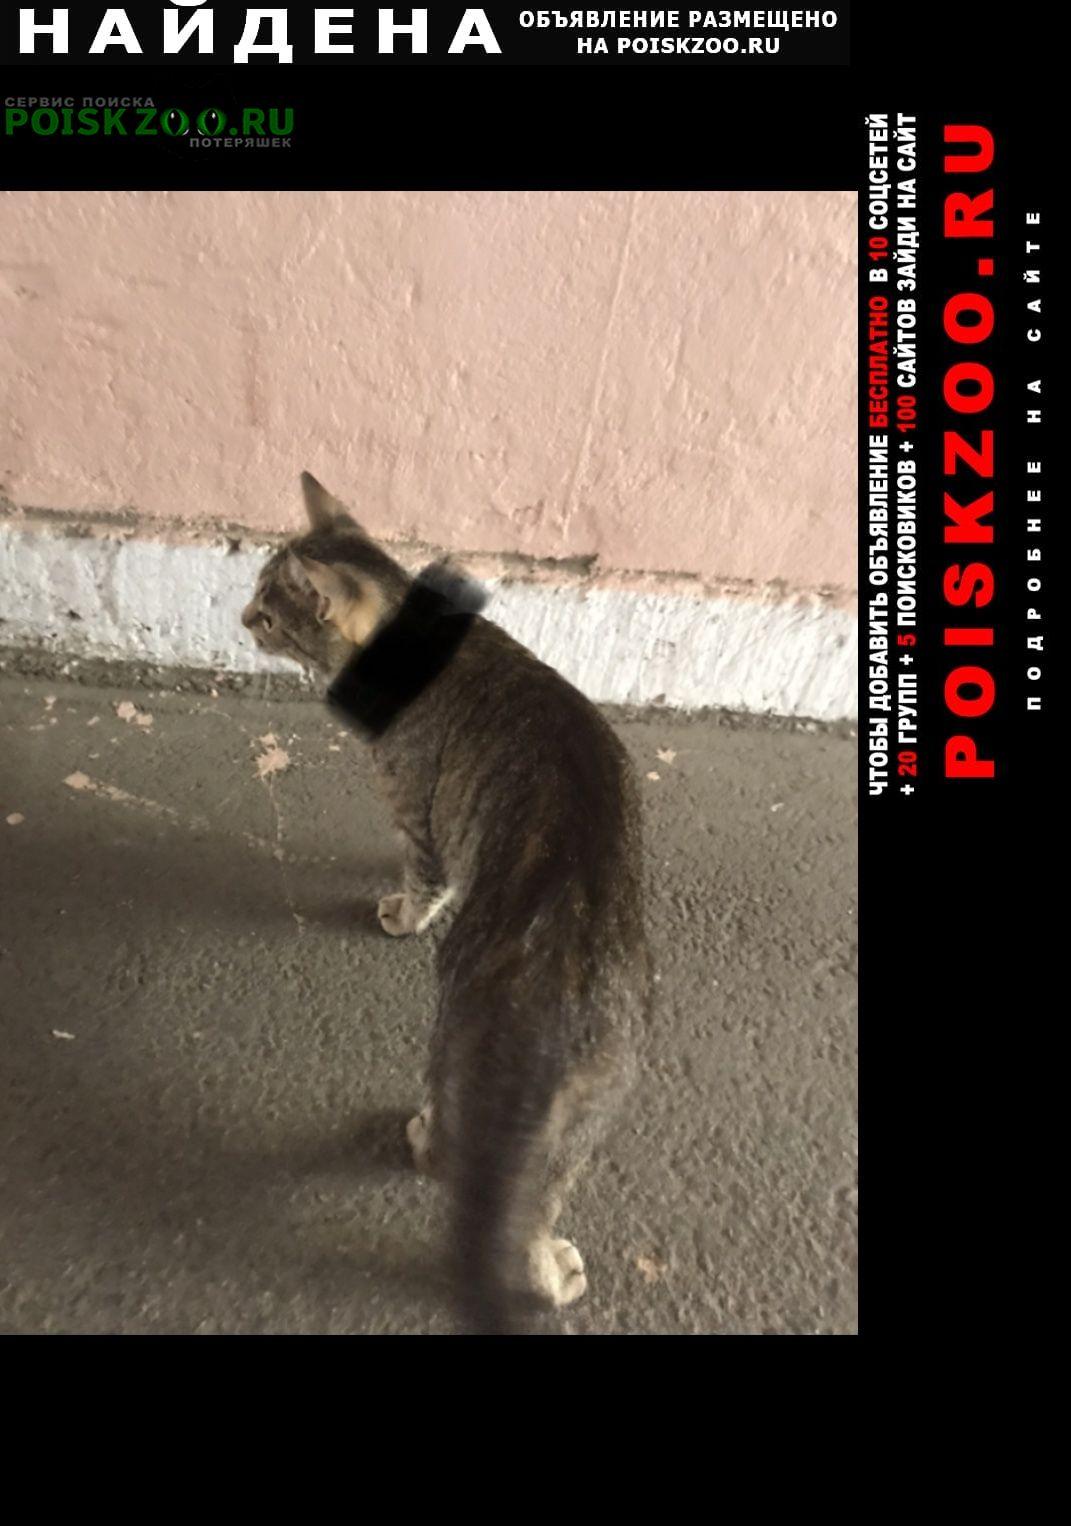 Найдена кошка васильевский осторов дом 56 Санкт-Петербург